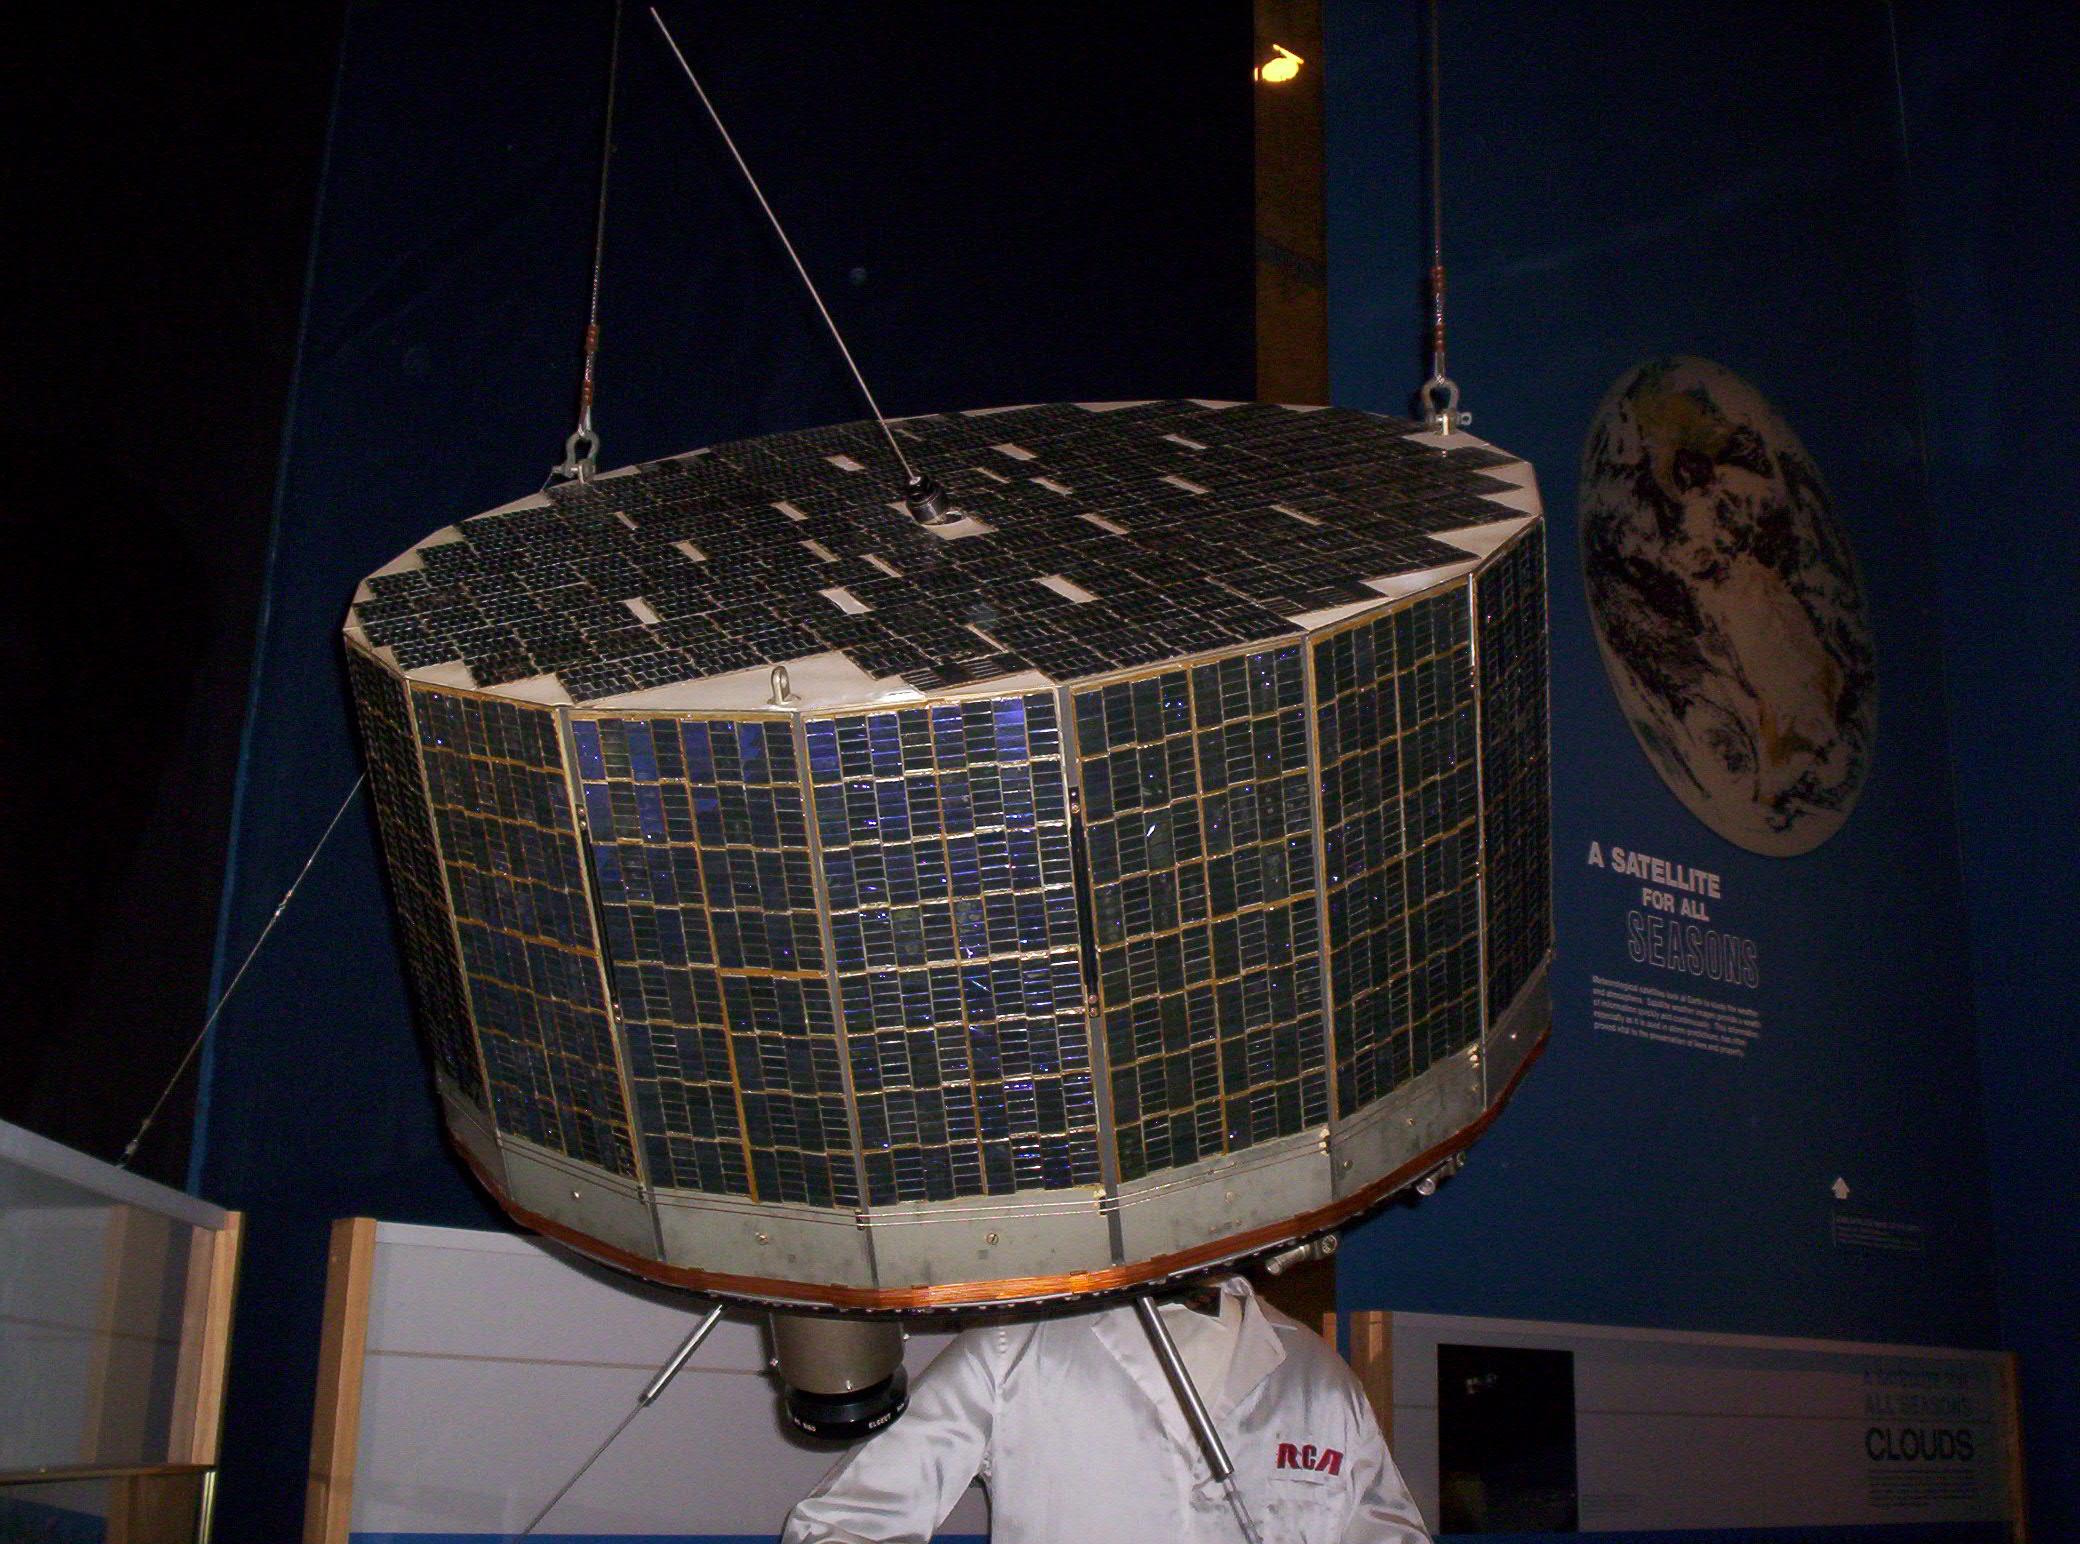 Tiros satellite.